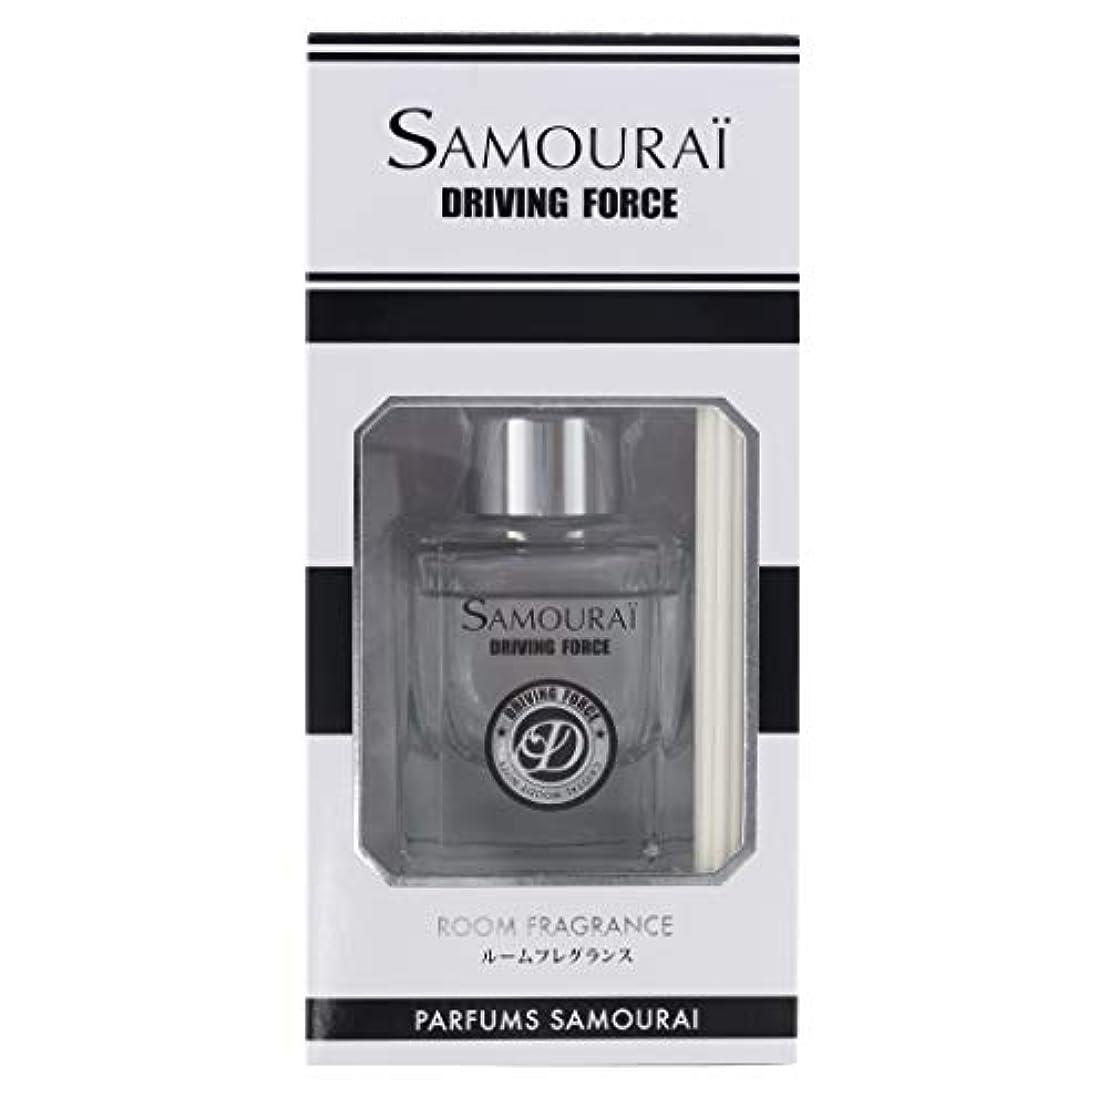 引っ張るブランド抽象サムライ ドライビングフォース ルームフレグランス 60ml 香る男の新定番「サムライ ドライビングフォース」の香り